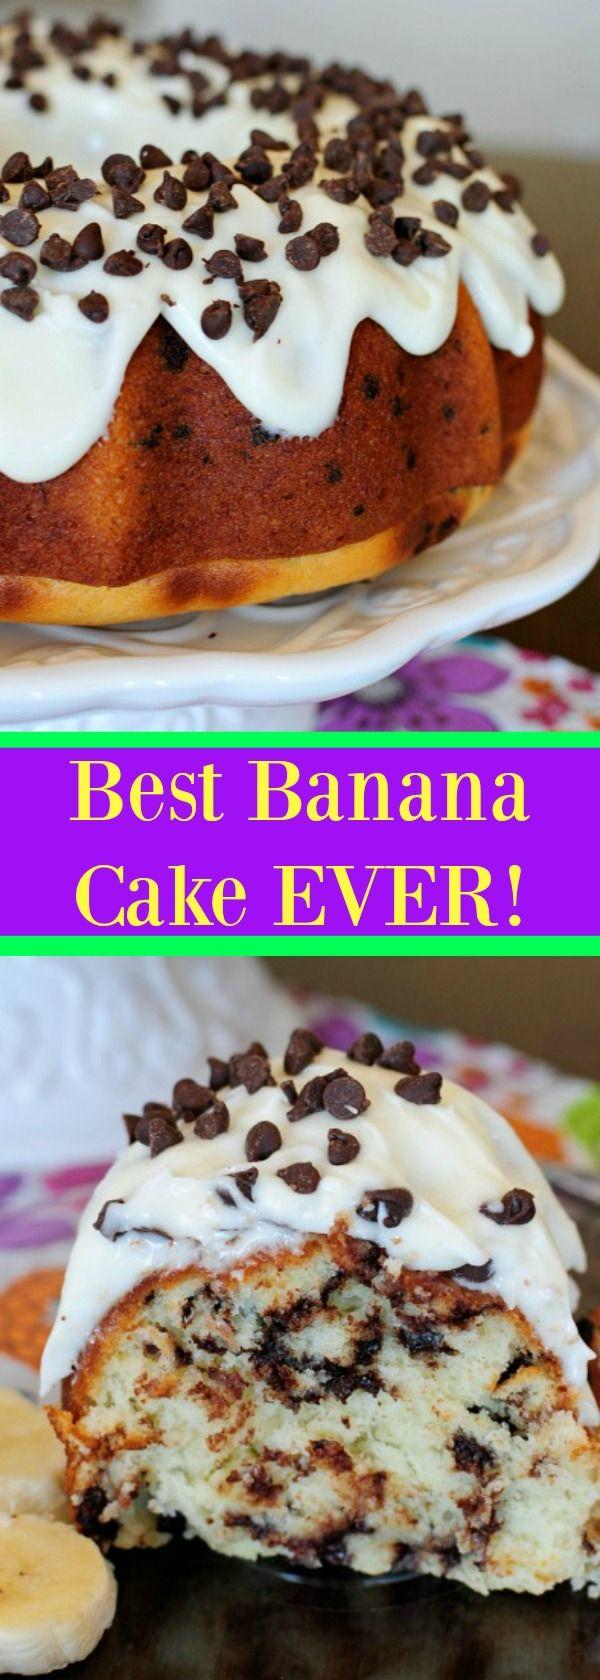 Best Banana Cake EVER!